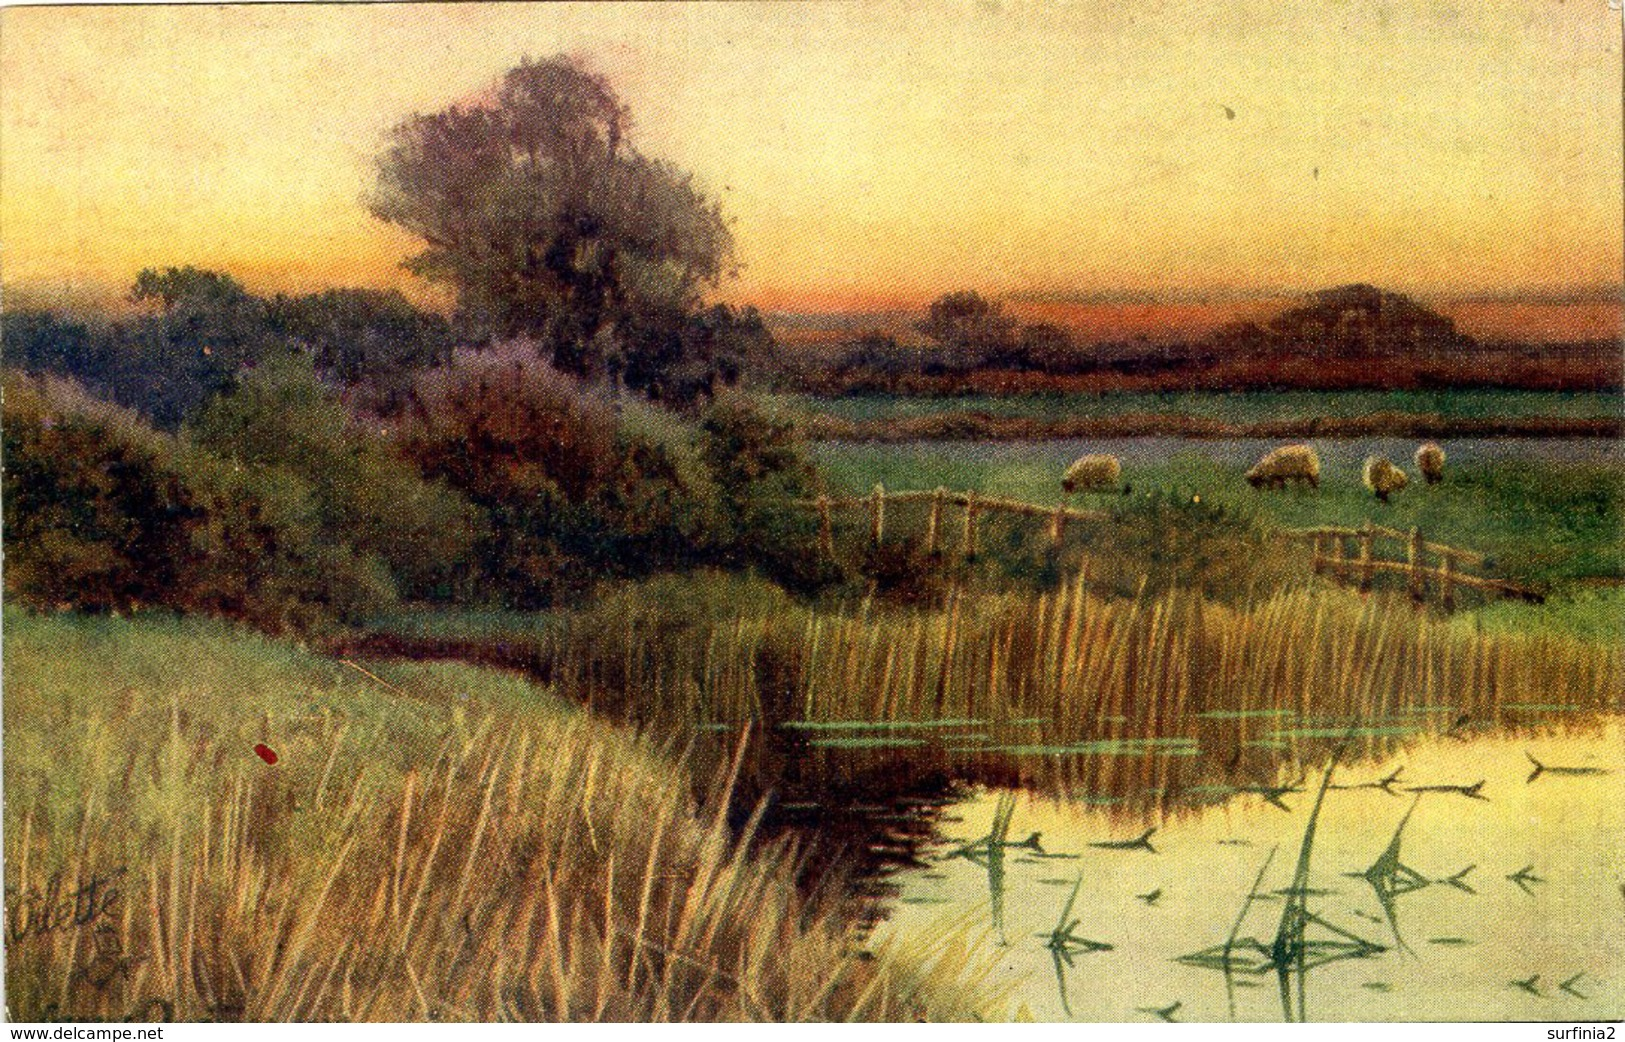 TUCKS OILETTE 2887 - THE BLUSH OF EVE - GEORGE OYSTON #1 - Paintings